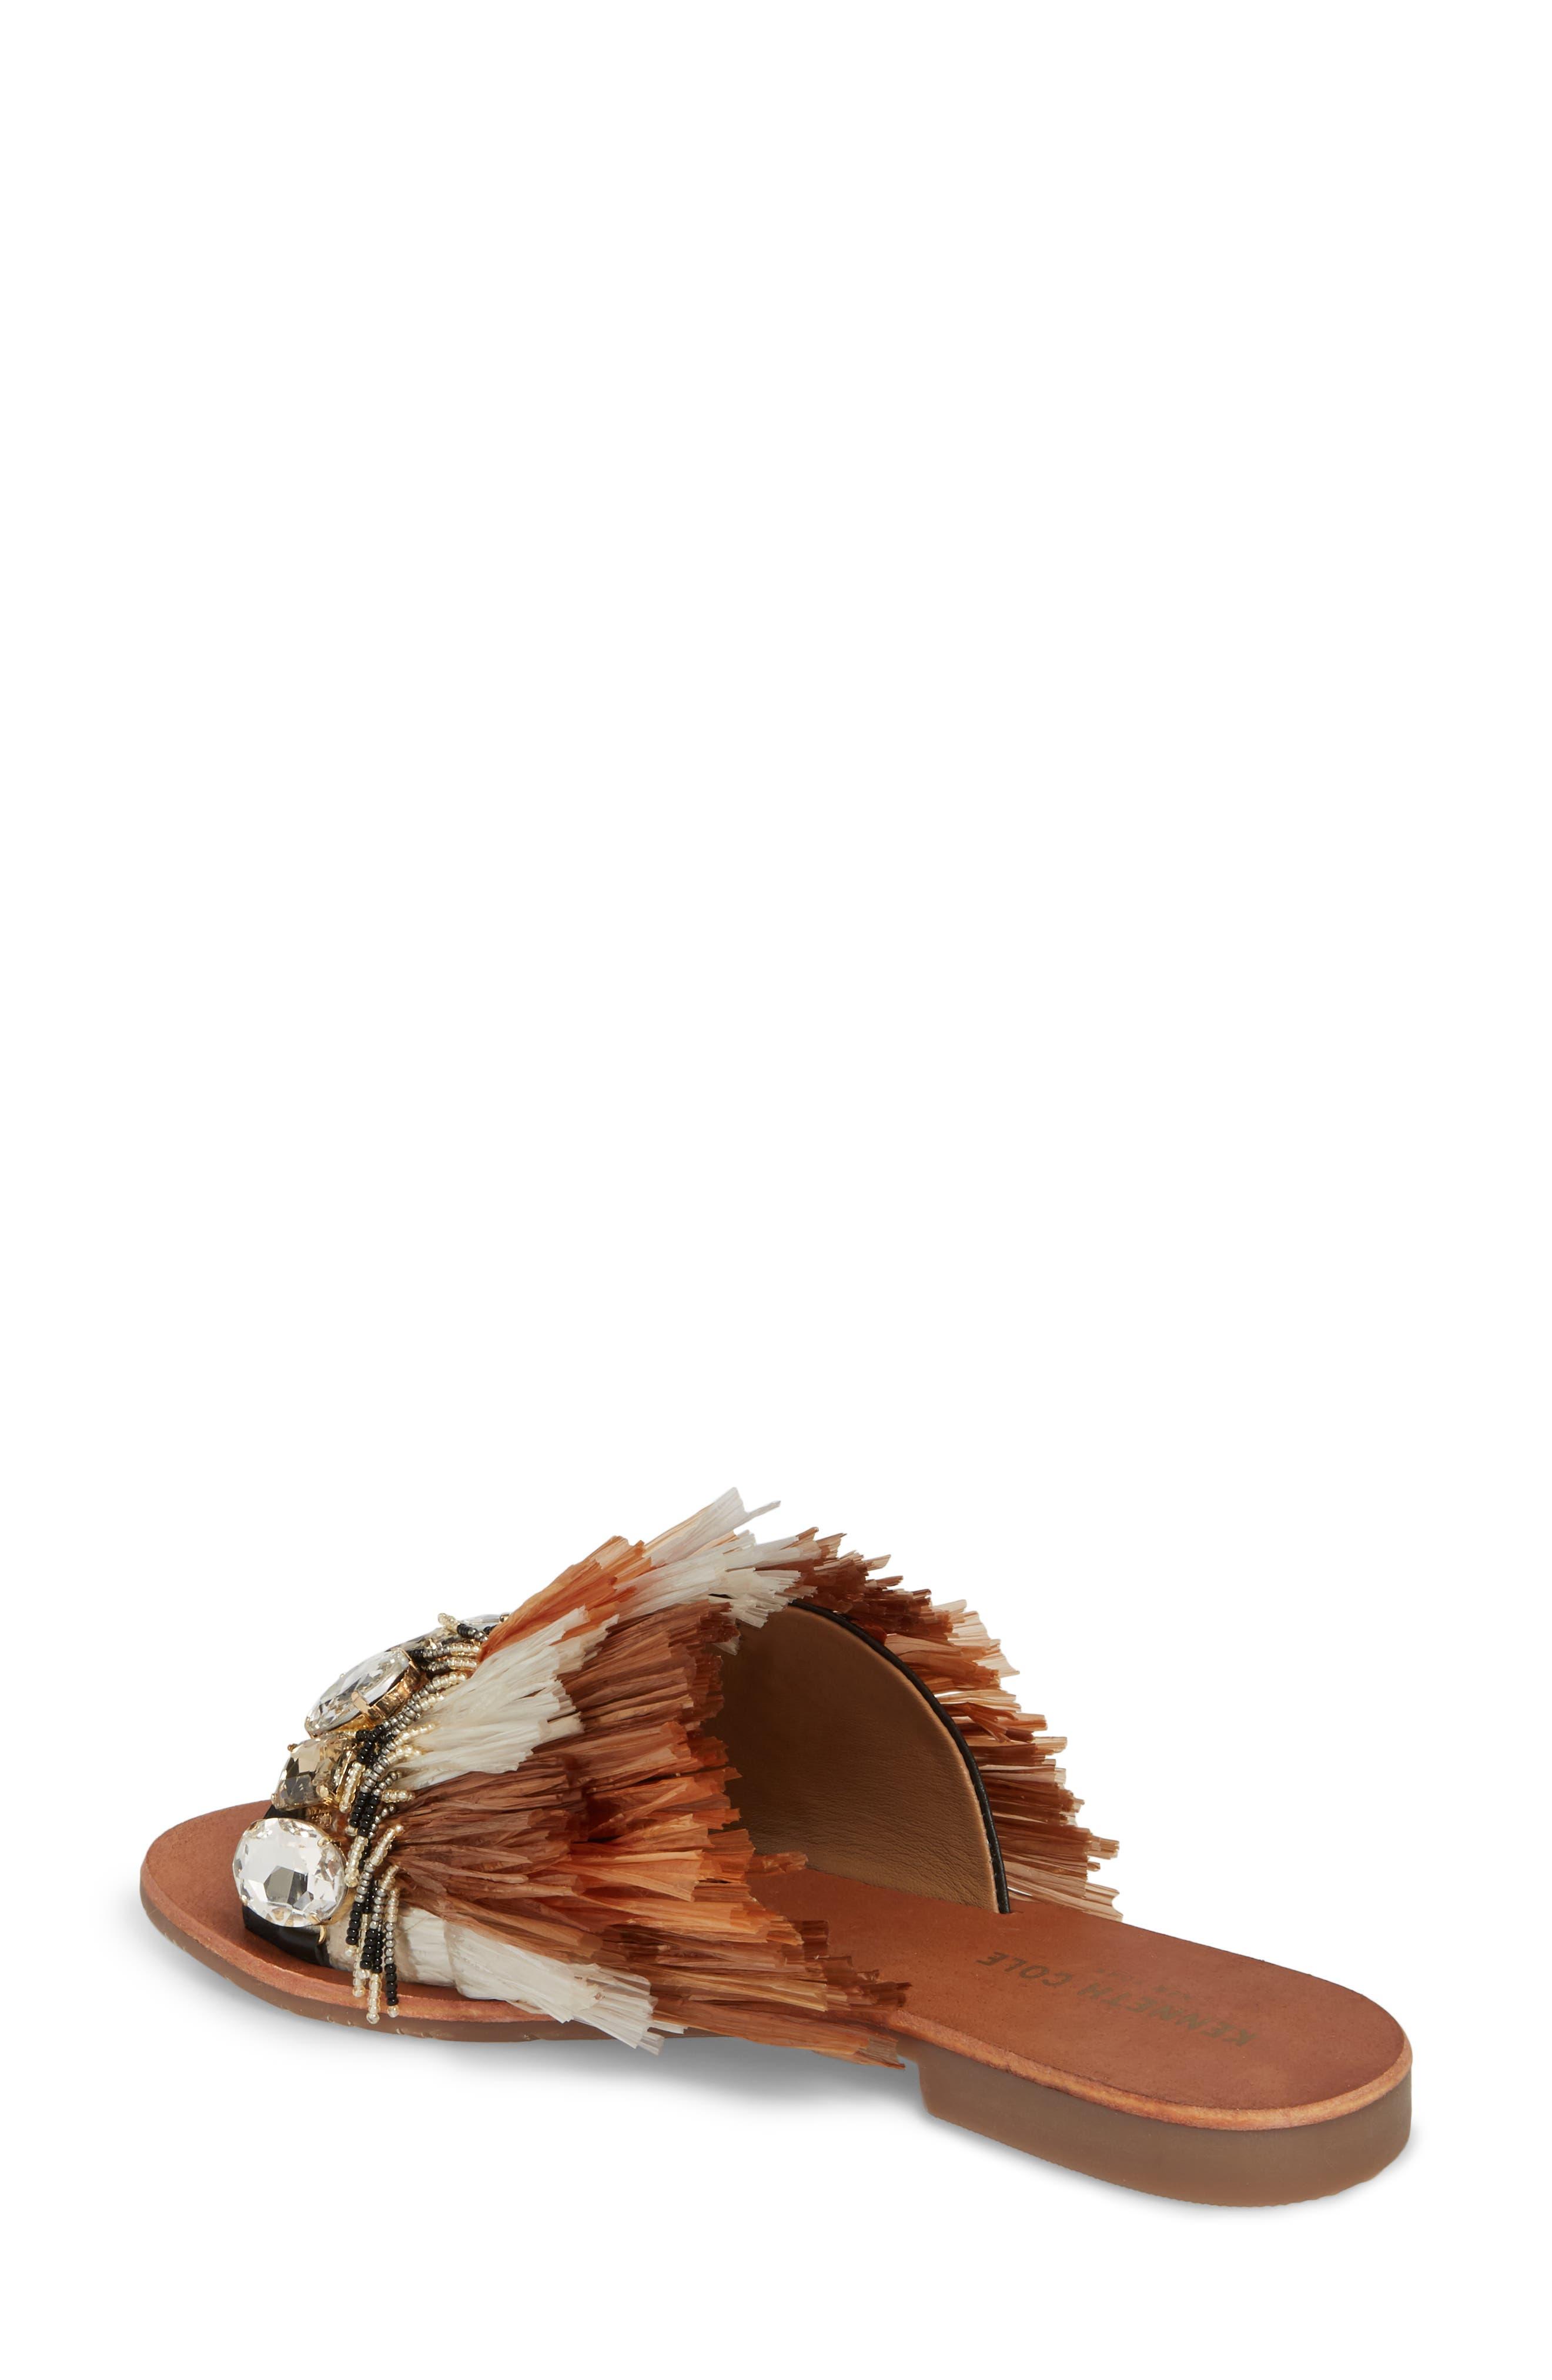 Heron Slide Sandal,                             Alternate thumbnail 3, color,